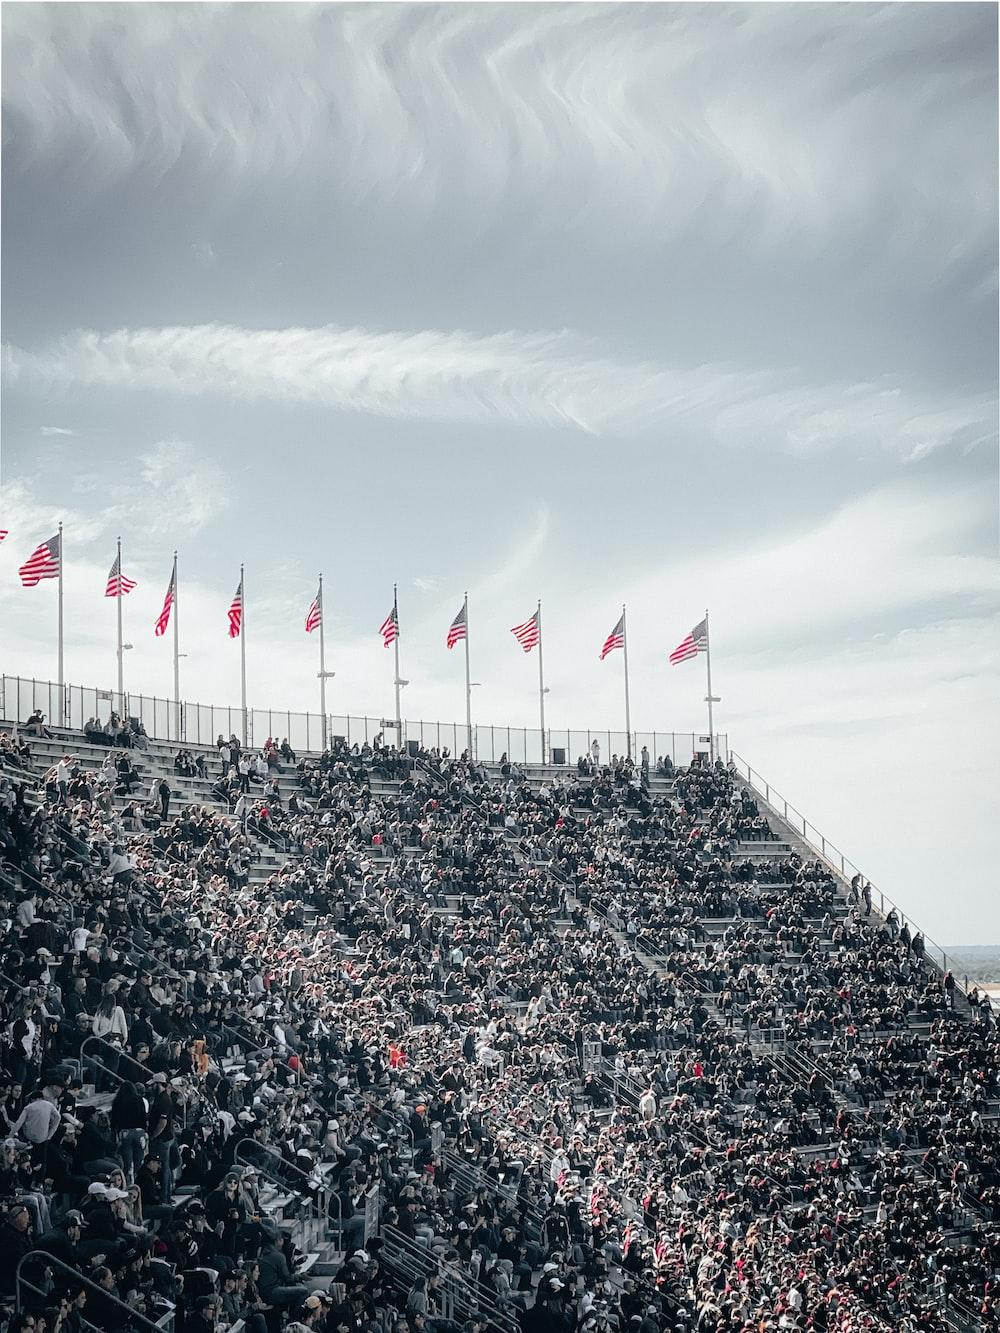 people on stadium during daytime